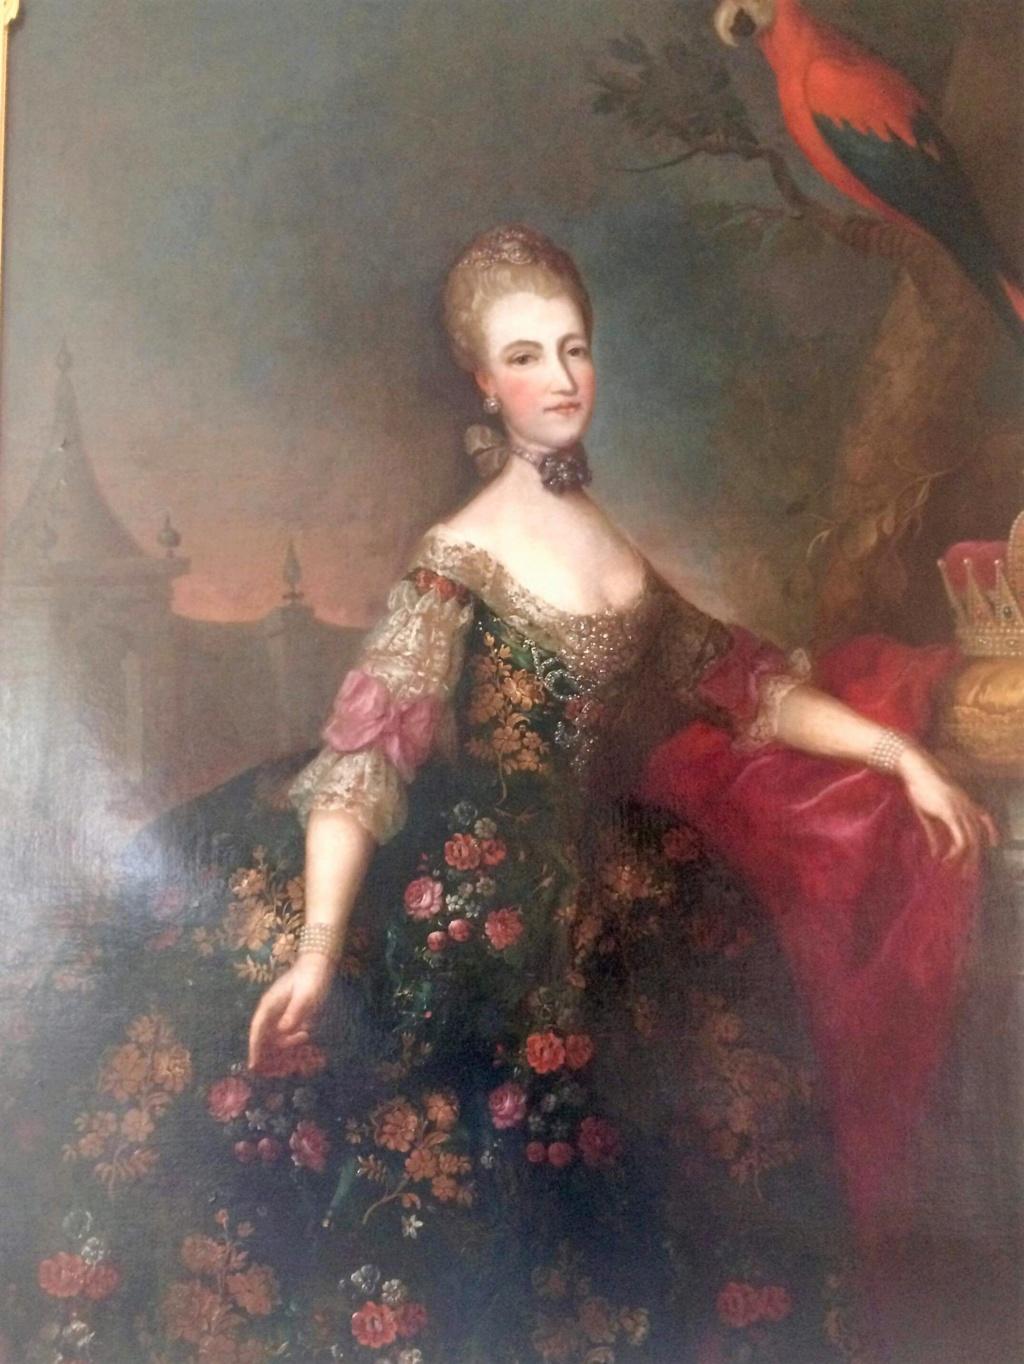 En visite à Prague pour l'impératrice Marie-Thérèse, l'empereur Joseph II, Marie-Thérèse Charlotte de France, le roi français Charles X et la famille française Rohan-Guémen,president France E. Macron. - Page 20 Img_1611